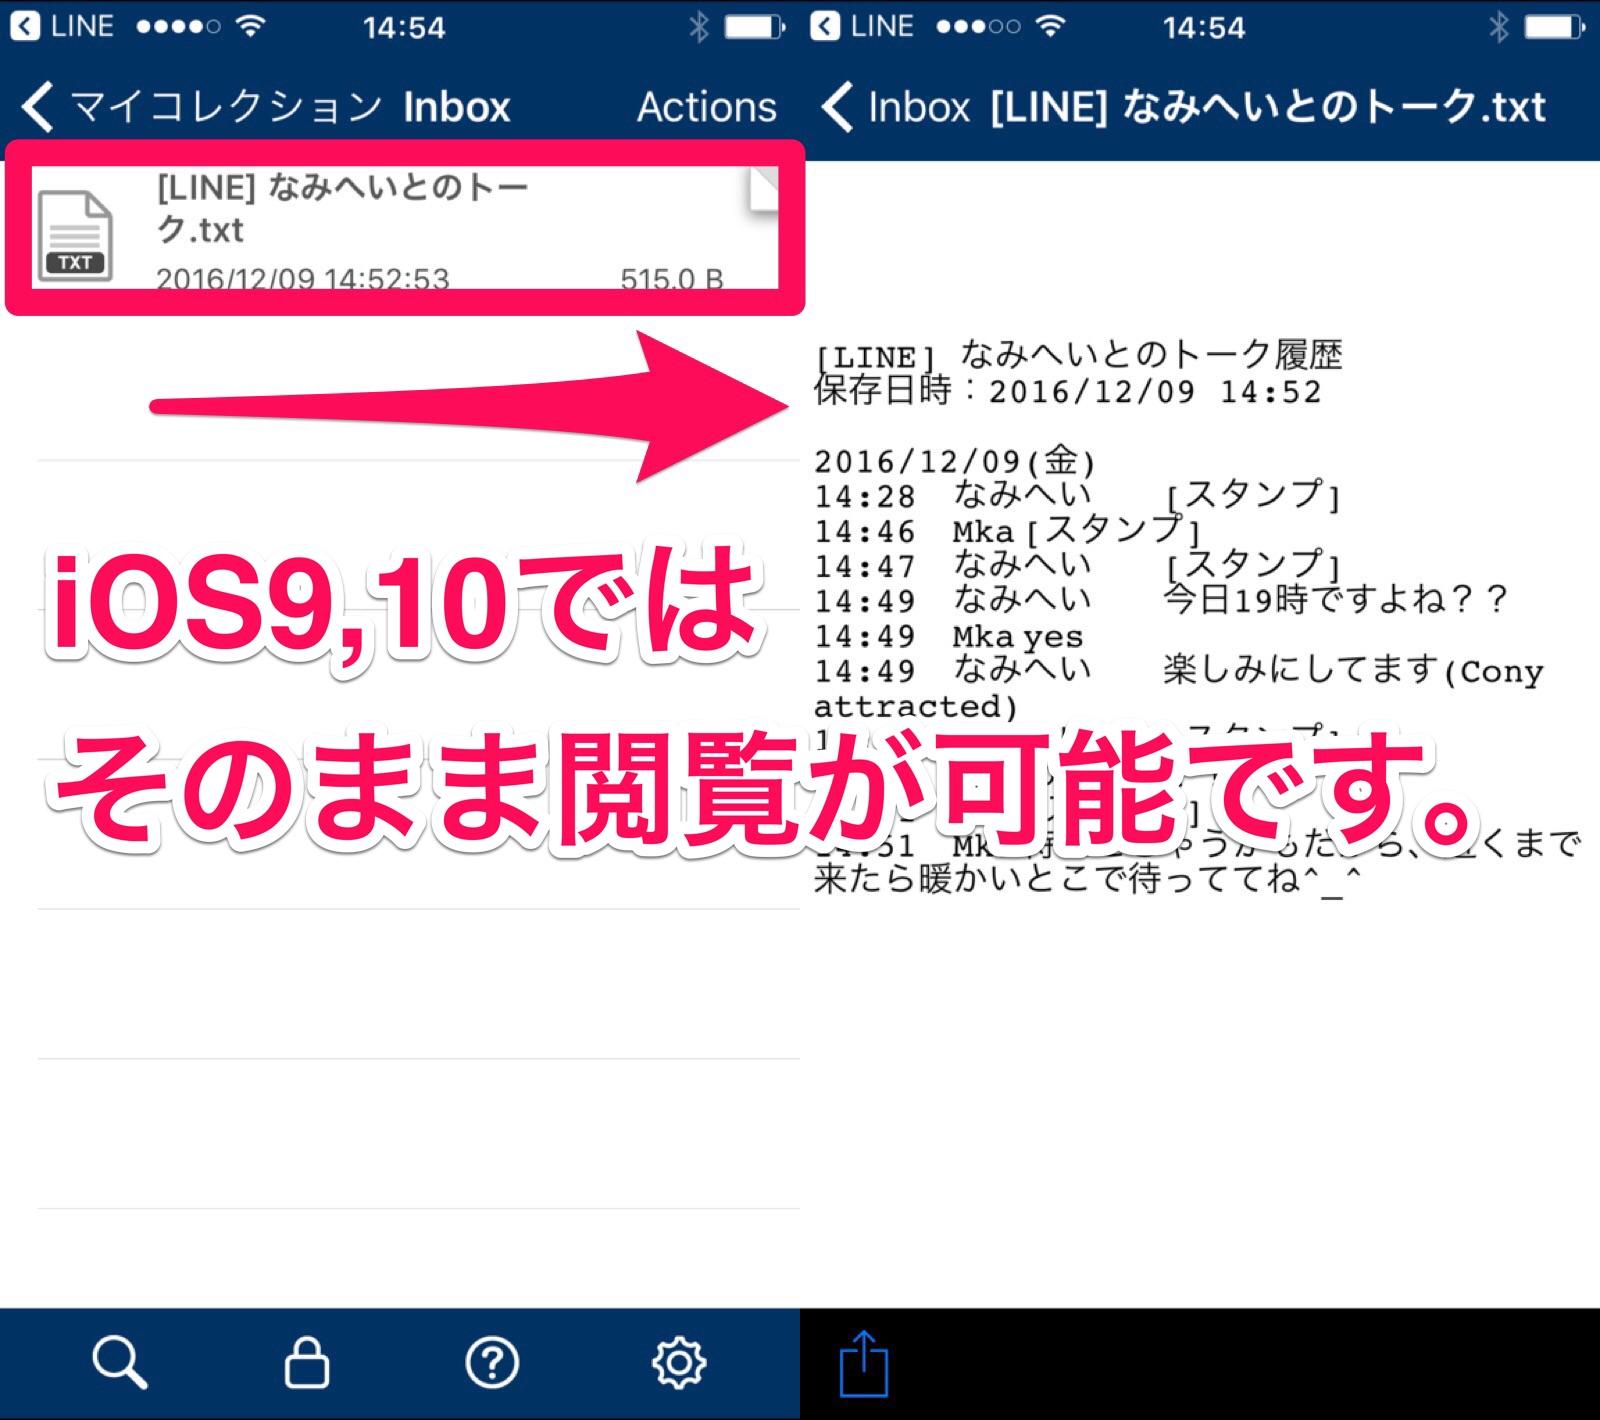 Inbox内のファイル